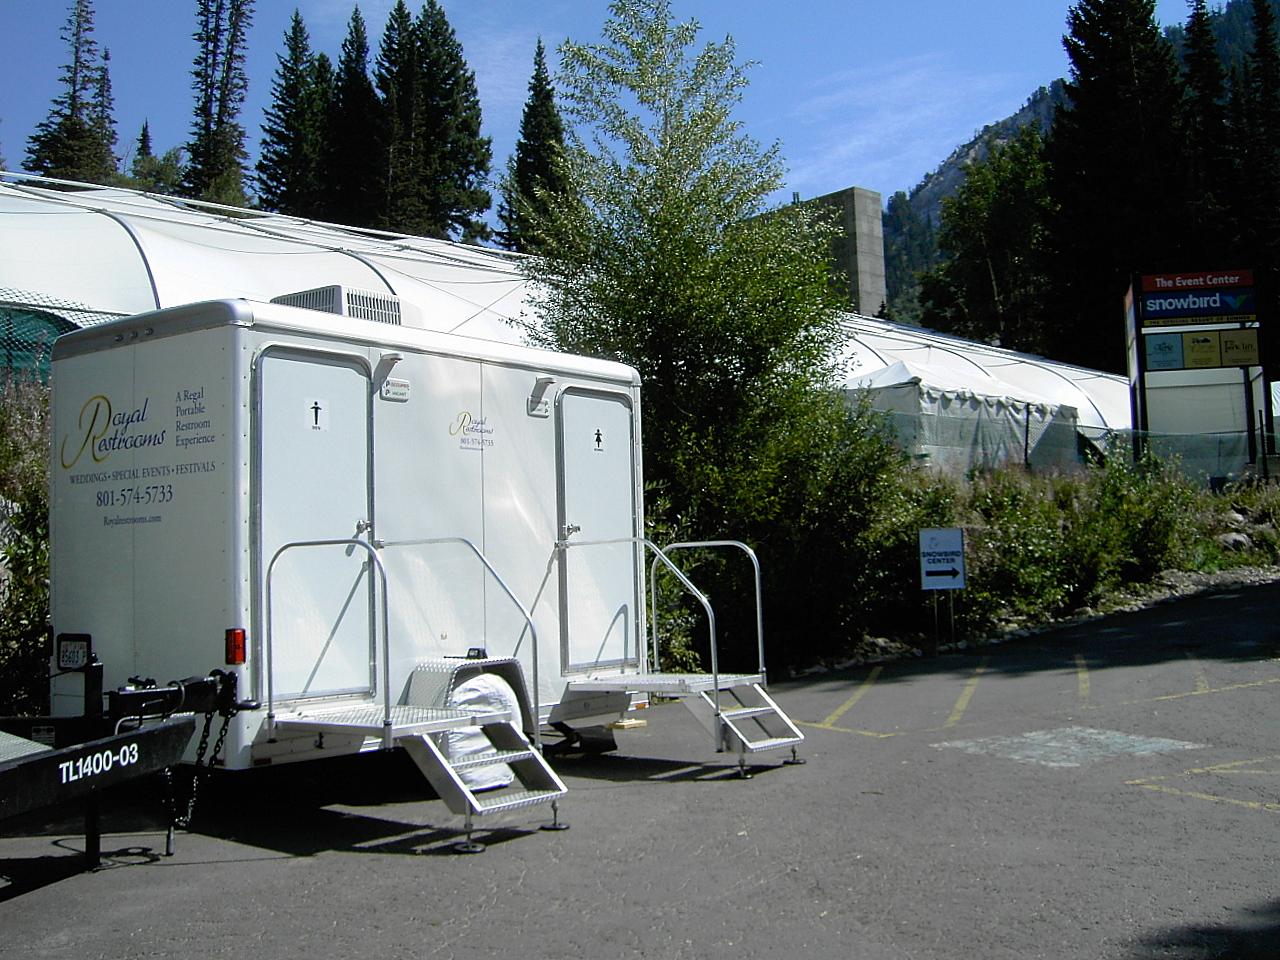 Lovely Utah Portable Restrooms At Snowbird Resort Ii